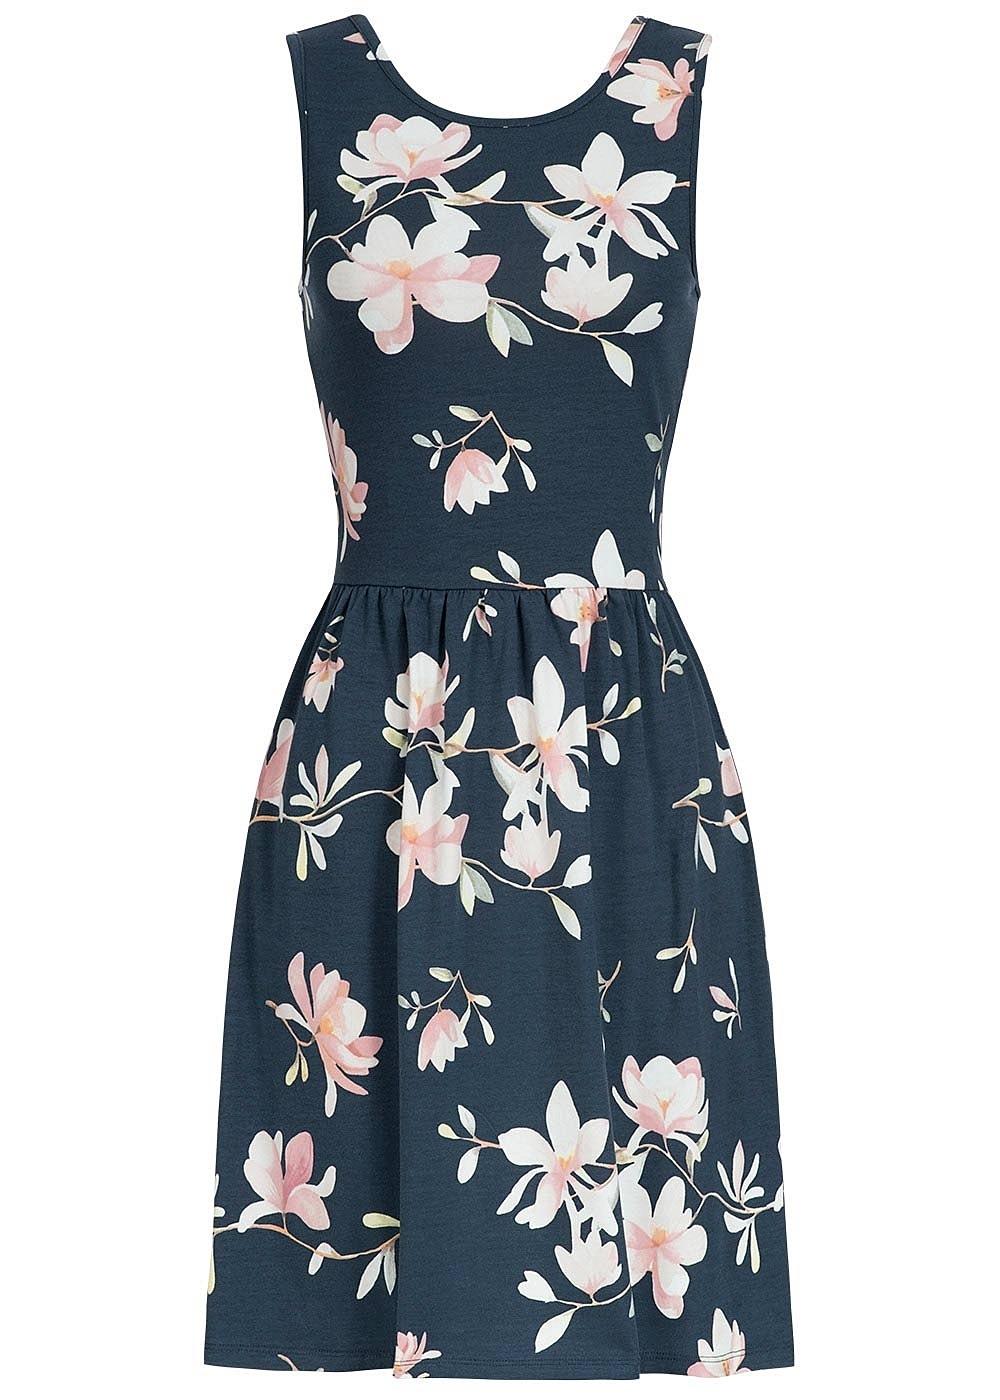 Designer Einfach Blaues Kleid Mit Blumen für 201913 Einfach Blaues Kleid Mit Blumen Spezialgebiet